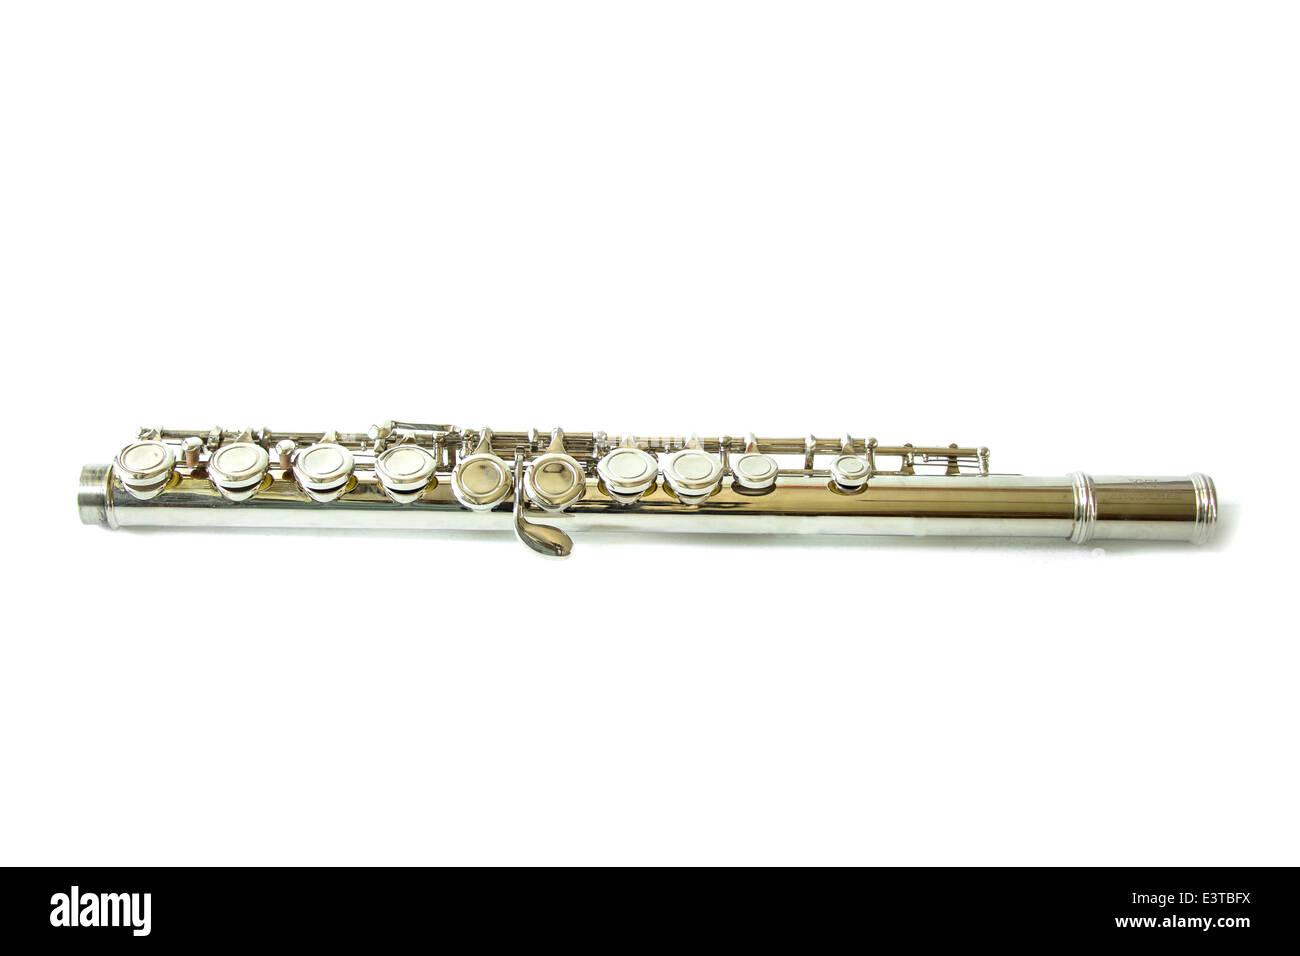 Flute isolate on white background - Stock Image